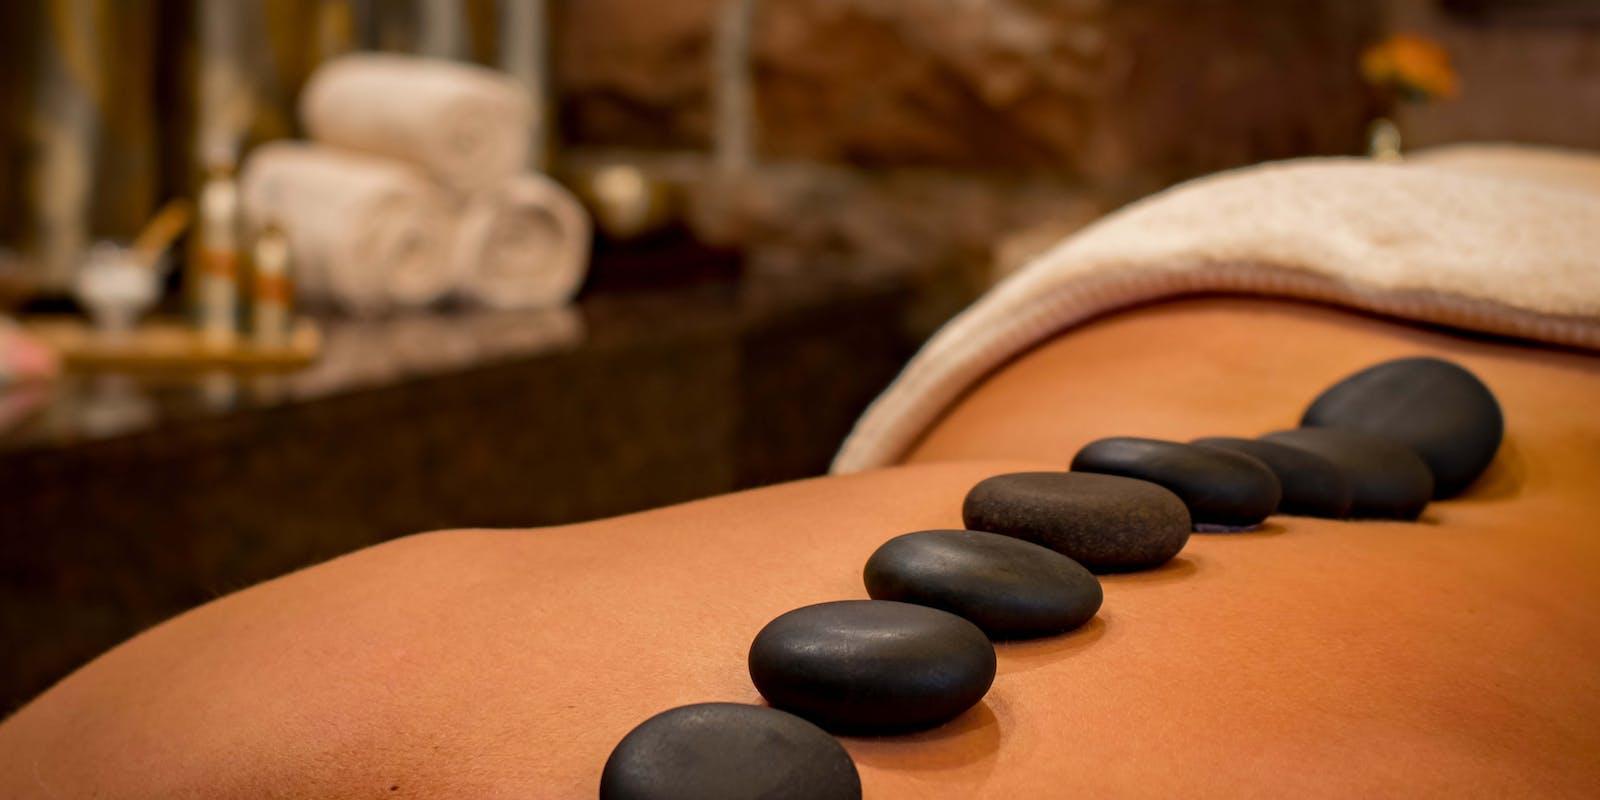 Modelage – massage aux huiles et aux pierres chaudes – détoxification – soin bien être – relaxation et détente – soin naturel – voyage intérieur – soigner naturellement.